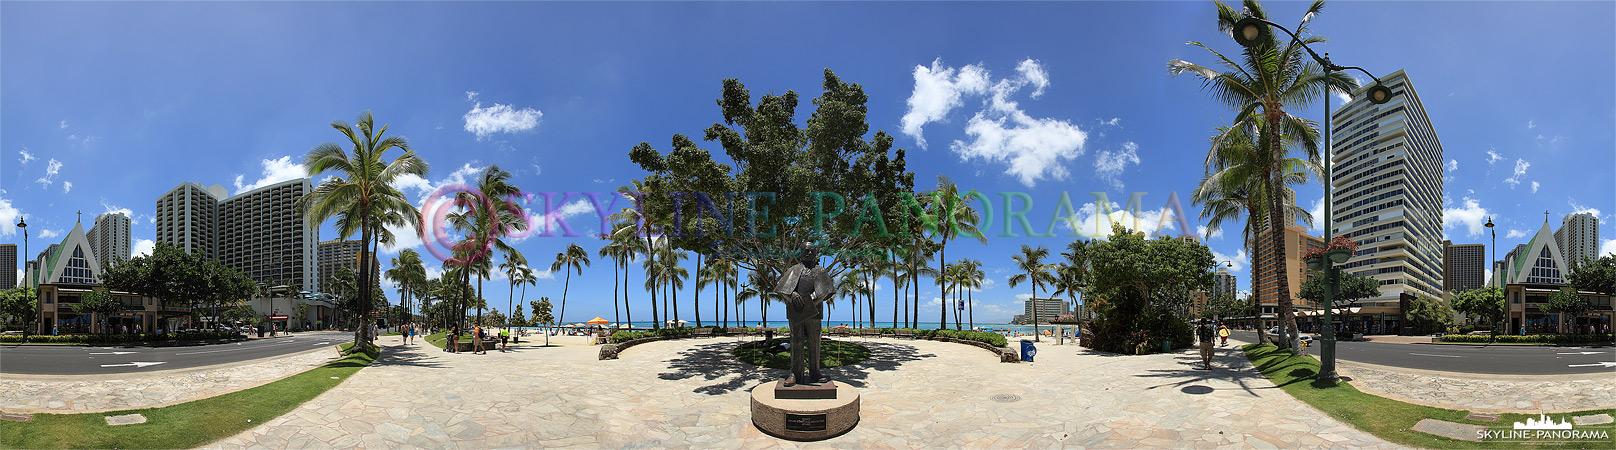 Panorama von  Hawaii - Die Statue von Prince Jonah Kuhio Kalaniana'ole auf der Strandpromenade am Waikiki Beach auf der Hauptinsel O´ahu.